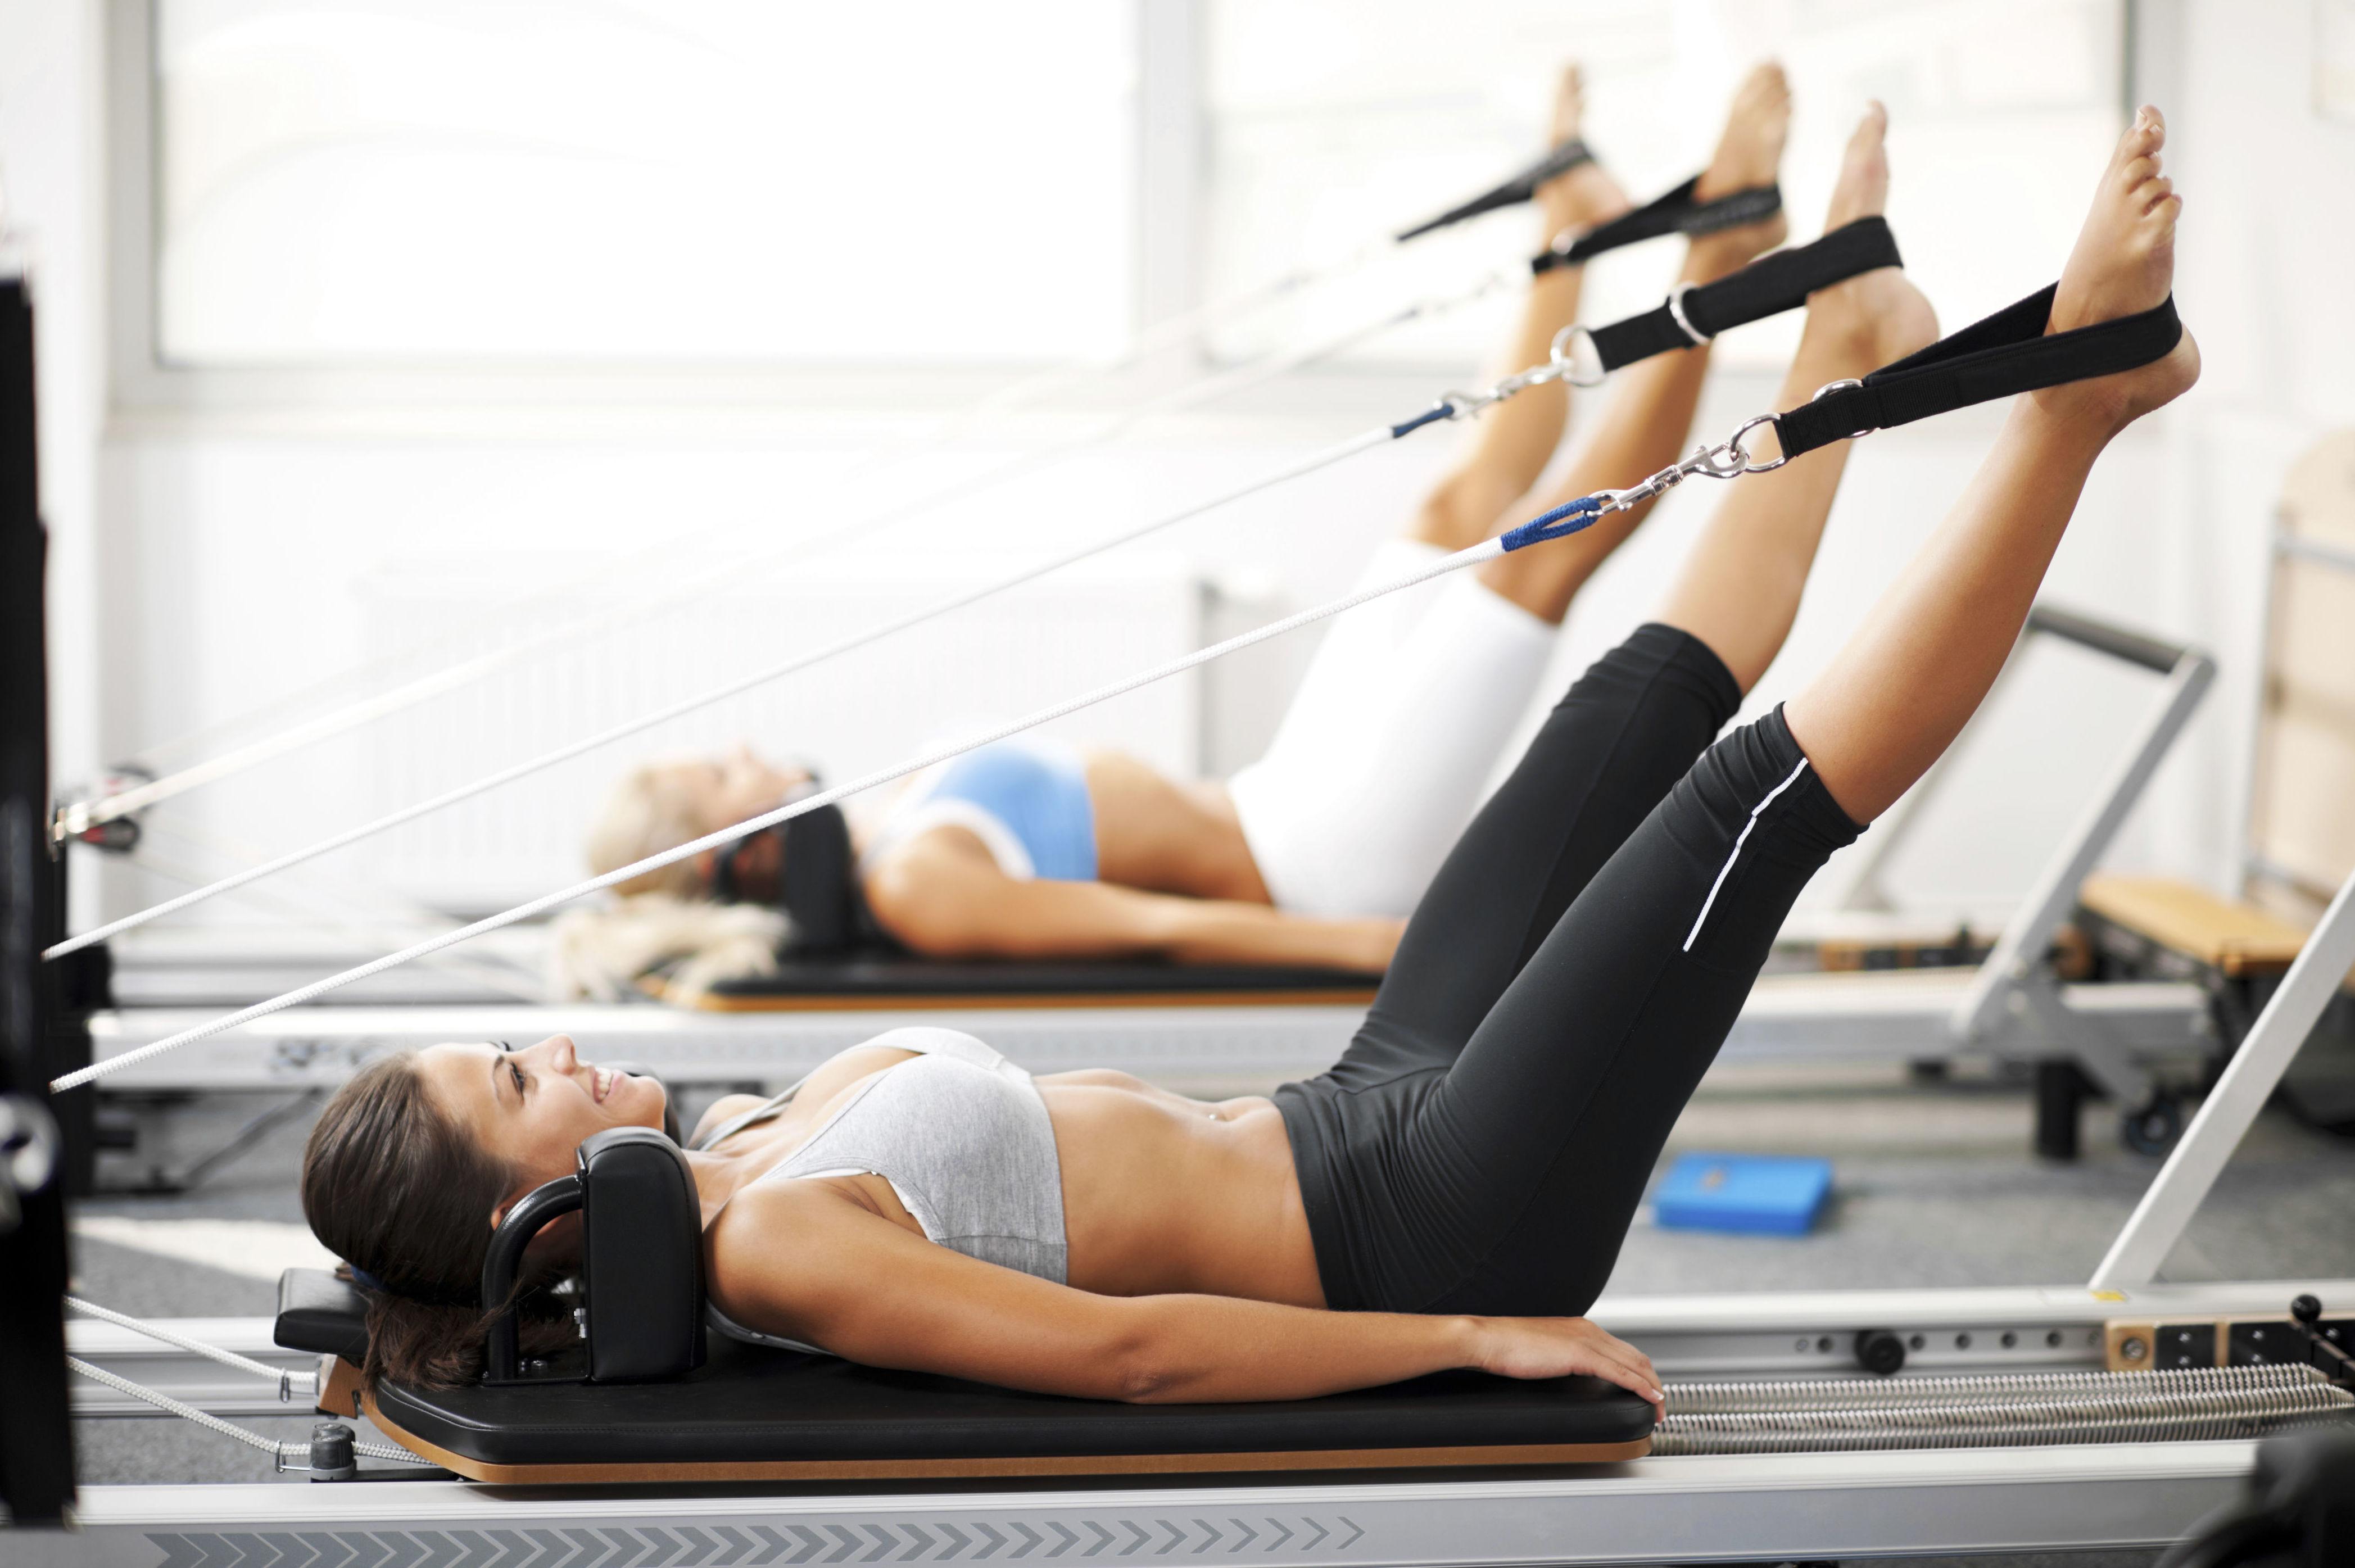 Prueba nuestras clases de pilates y gimnasia hipopresiva